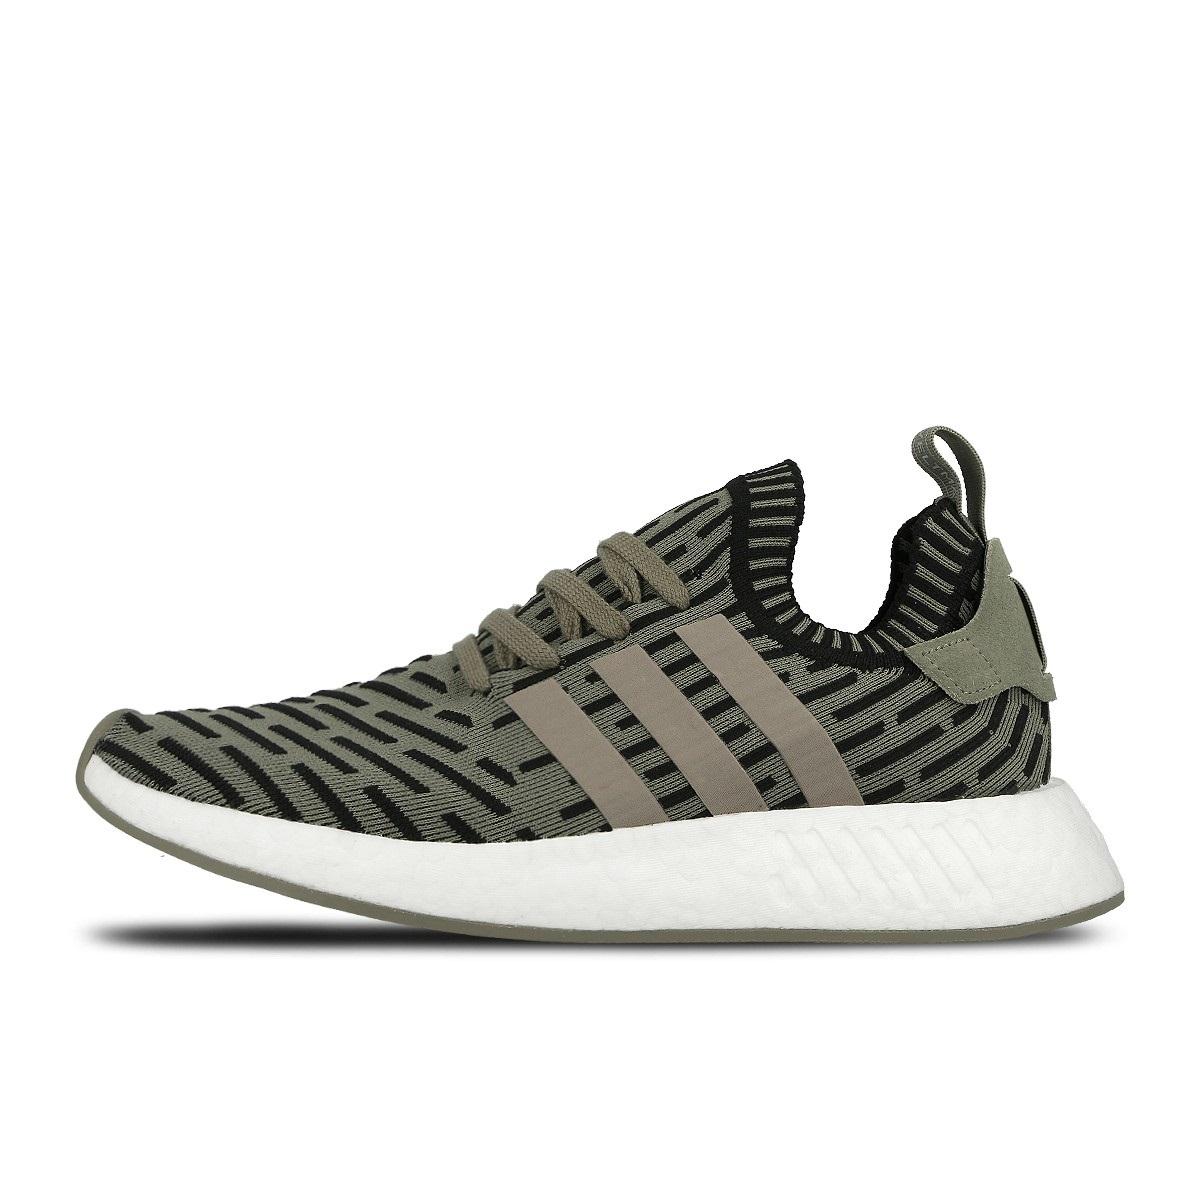 قیمت کفش راحتی مردانه آدیداس مدل nmd r2 کد BA7198